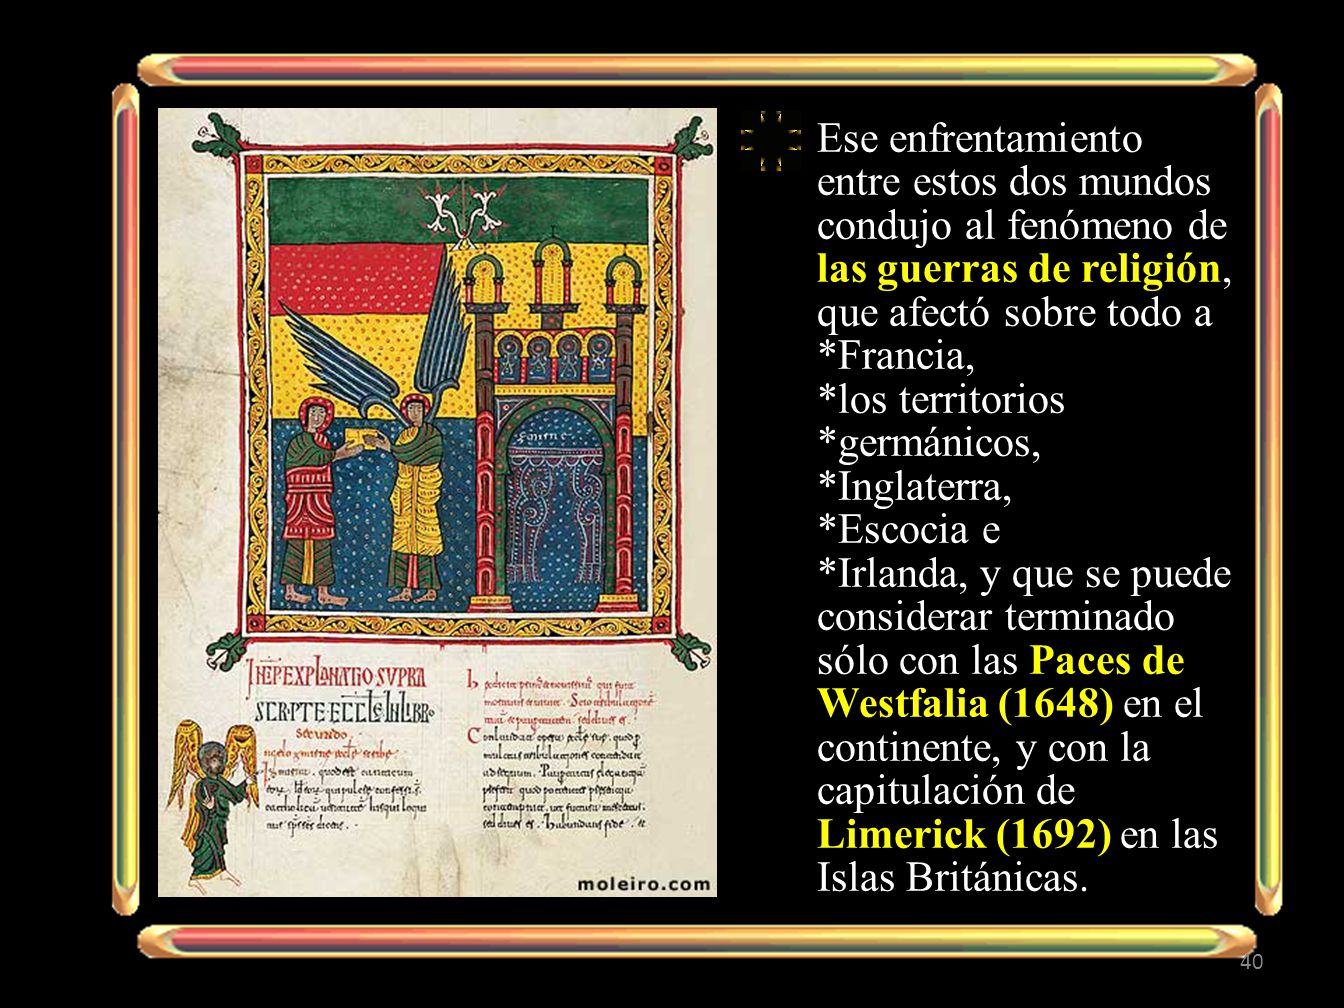 Ese enfrentamiento entre estos dos mundos condujo al fenómeno de las guerras de religión, que afectó sobre todo a *Francia, *los territorios *germánicos, *Inglaterra, *Escocia e *Irlanda, y que se puede considerar terminado sólo con las Paces de Westfalia (1648) en el continente, y con la capitulación de Limerick (1692) en las Islas Británicas.